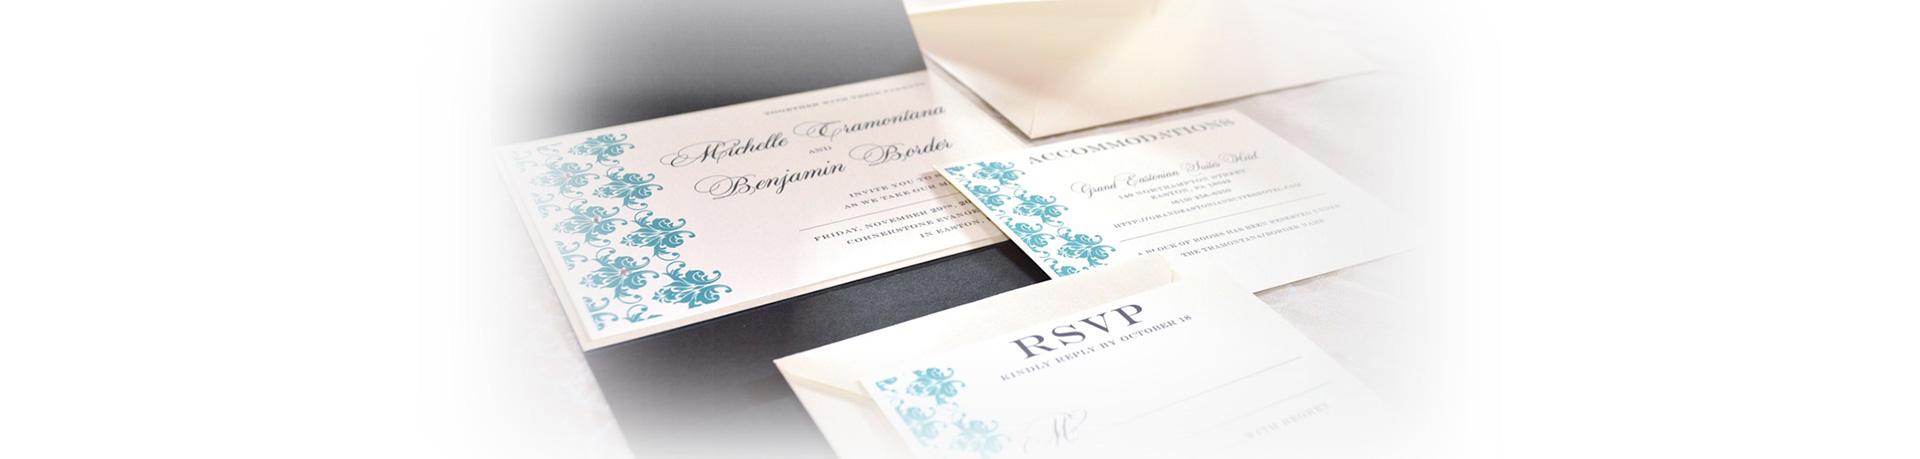 invitation_sample